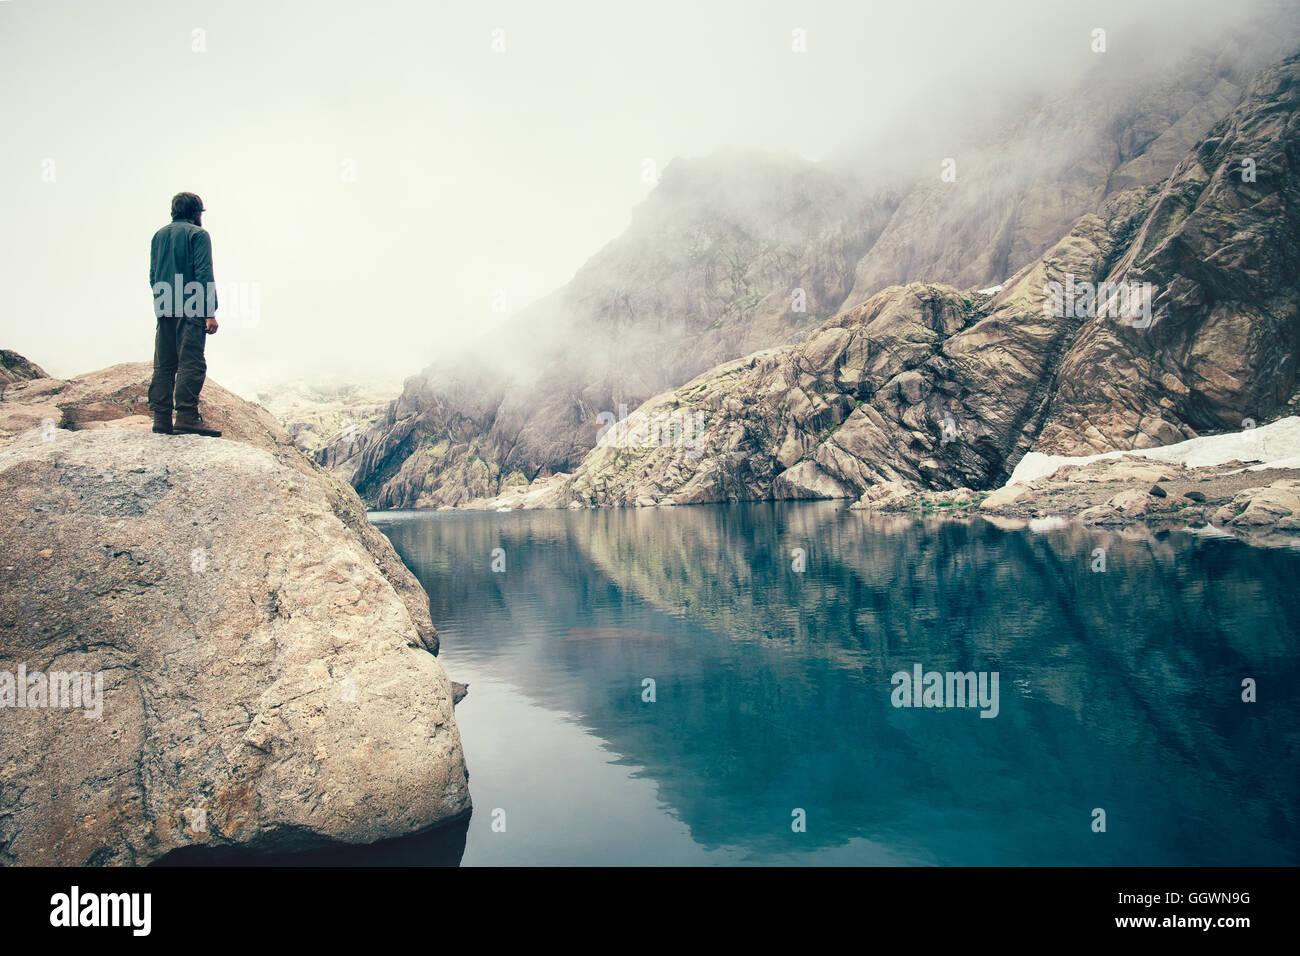 Man Traveler Standing alone on stone cliff lac et montagnes brumeuses sur le contexte de vie de plein air concept Banque D'Images